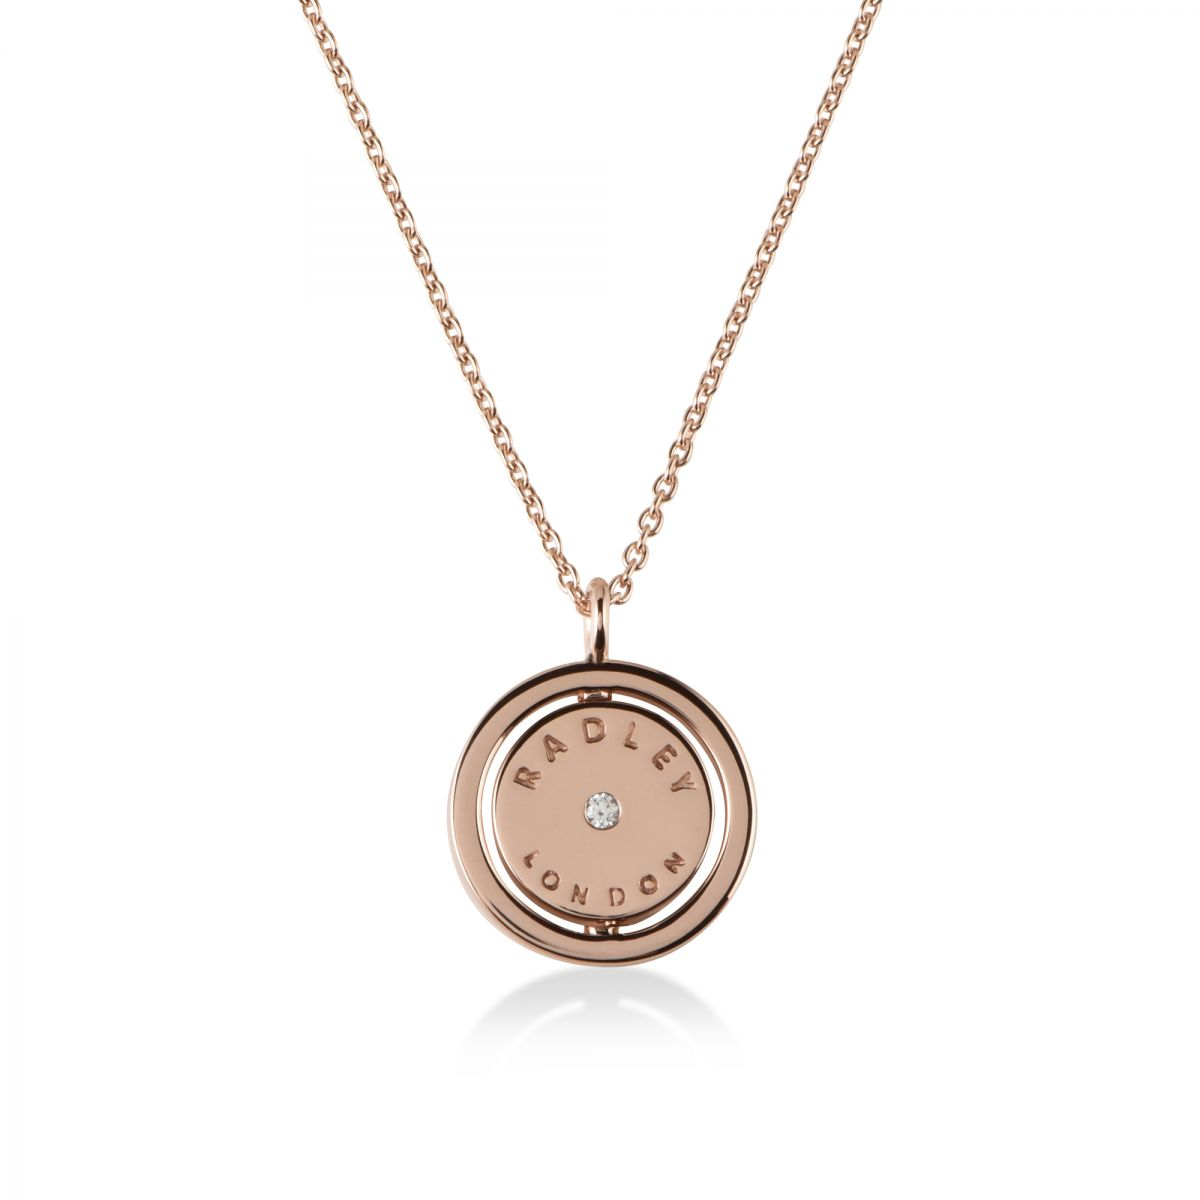 Radley Love Silver Necklace RYJ2015 jkMlddKLj